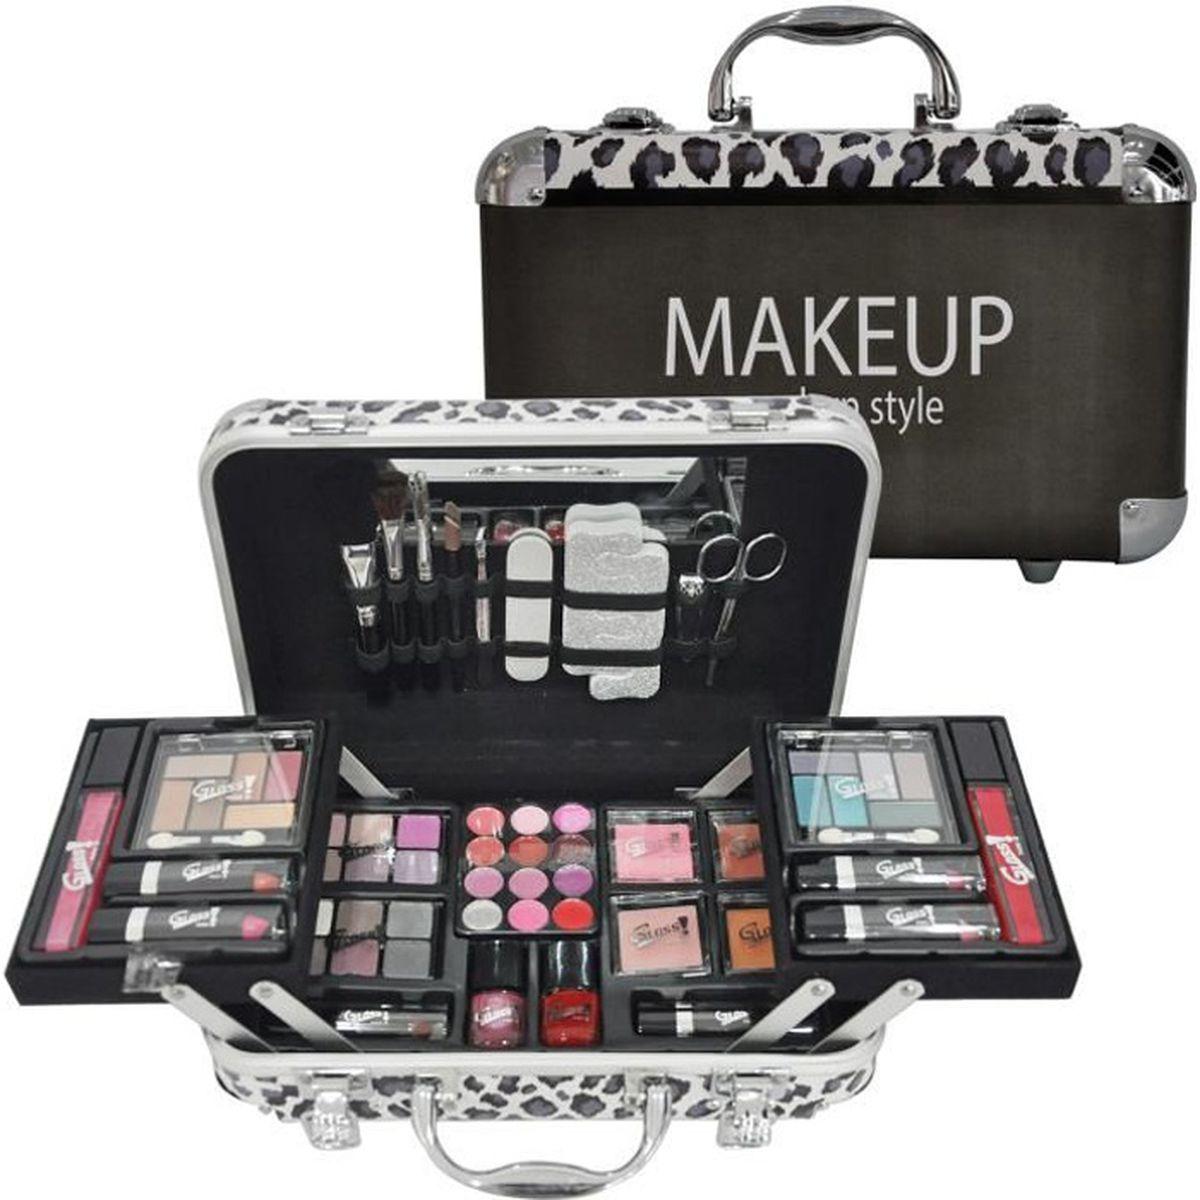 PALETTE DE MAQUILLAGE  Mallette de Maquillage - Modern Style - 62 Pcs